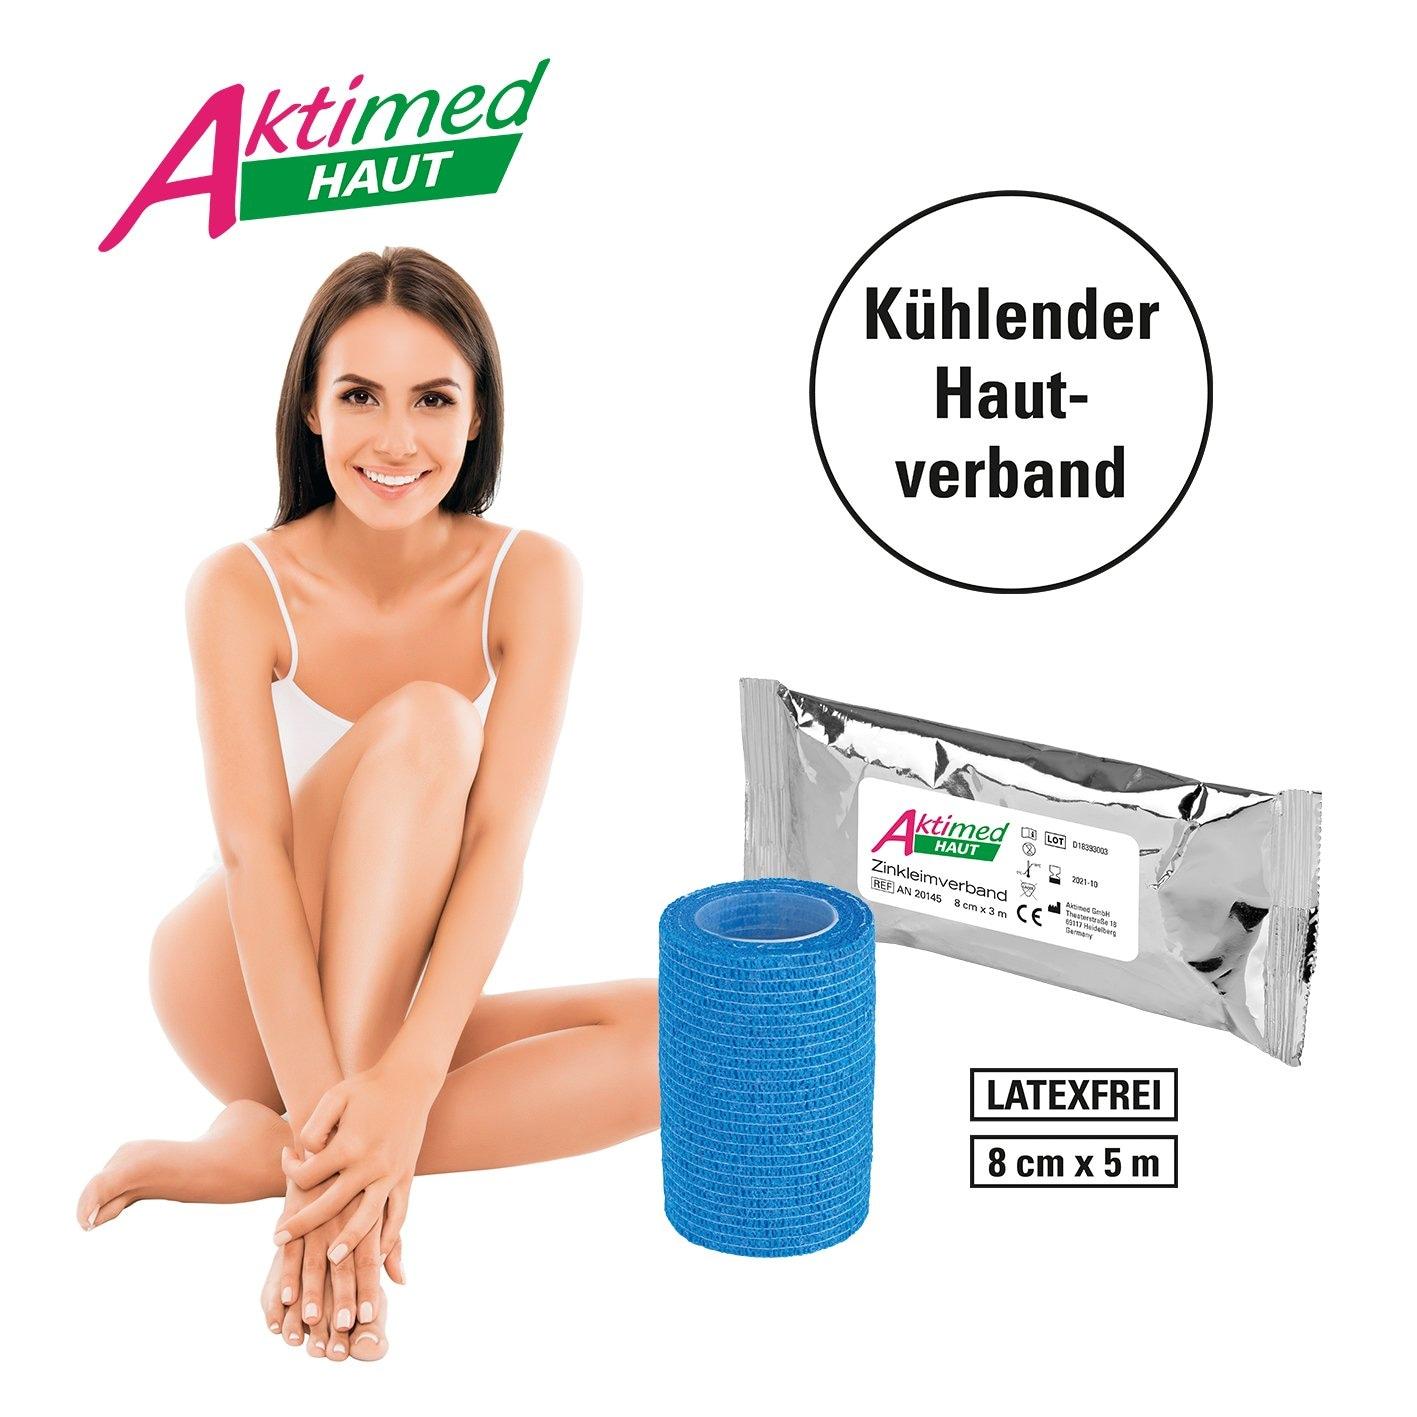 Aktimed Zinkleimverband Haut 3m weiß inkl. Schutzverbad